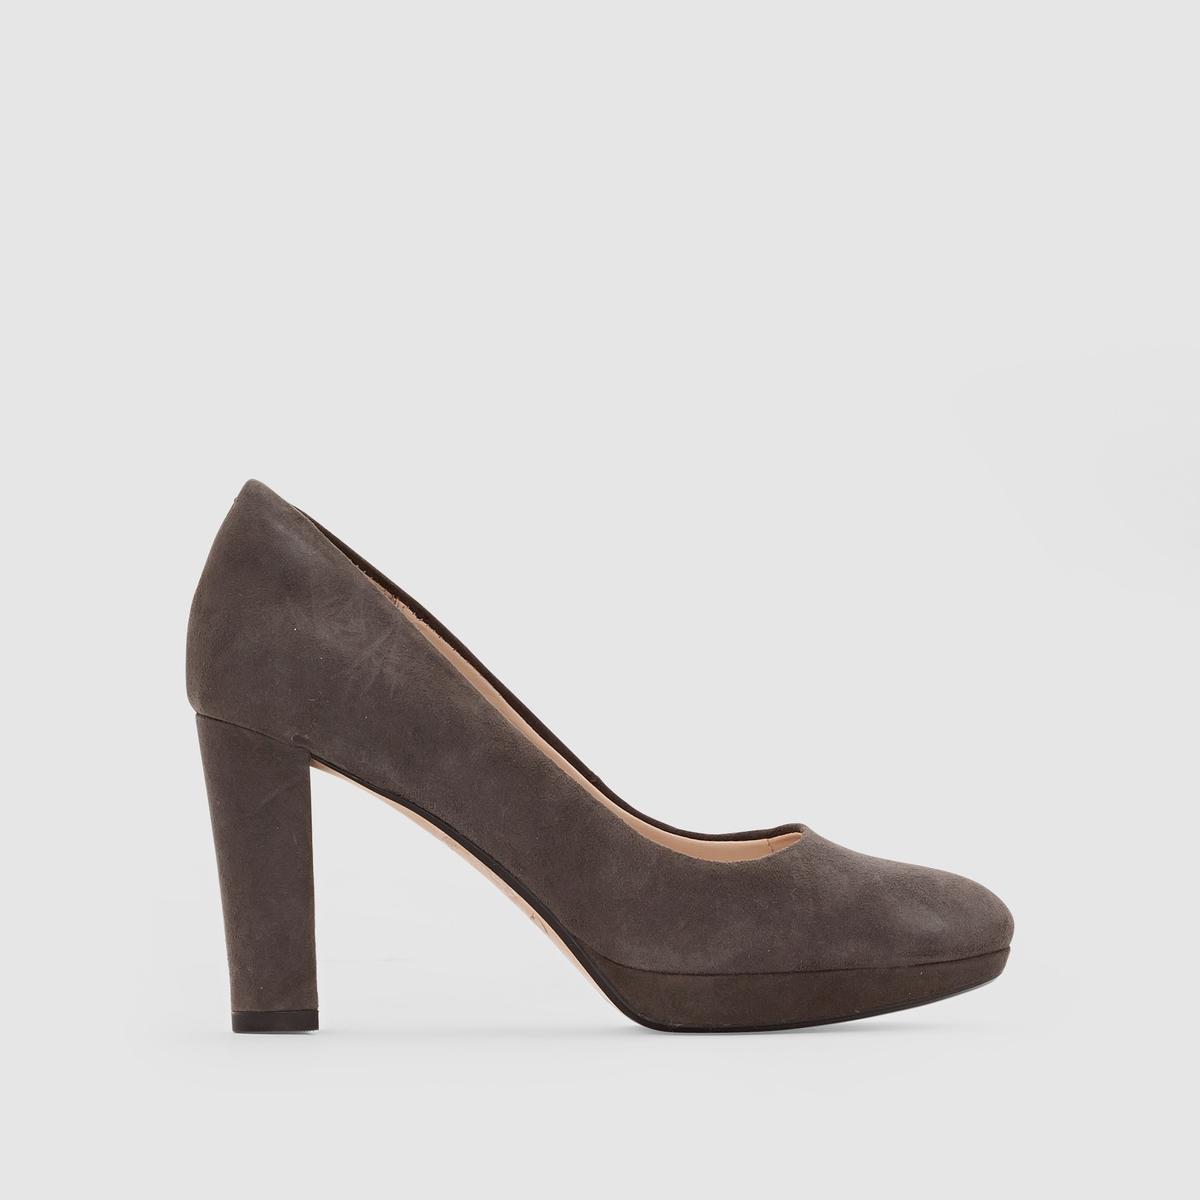 Туфли замшевые на каблуке, KENDRA SIENNAПодкладка: Синтетический материал.     Стелька: кожа.     Подошва: каучук.                       Высота каблука: 8 см. Форма каблука: широкая.Мысок: круглый.<br><br>Цвет: серый<br>Размер: 39.37